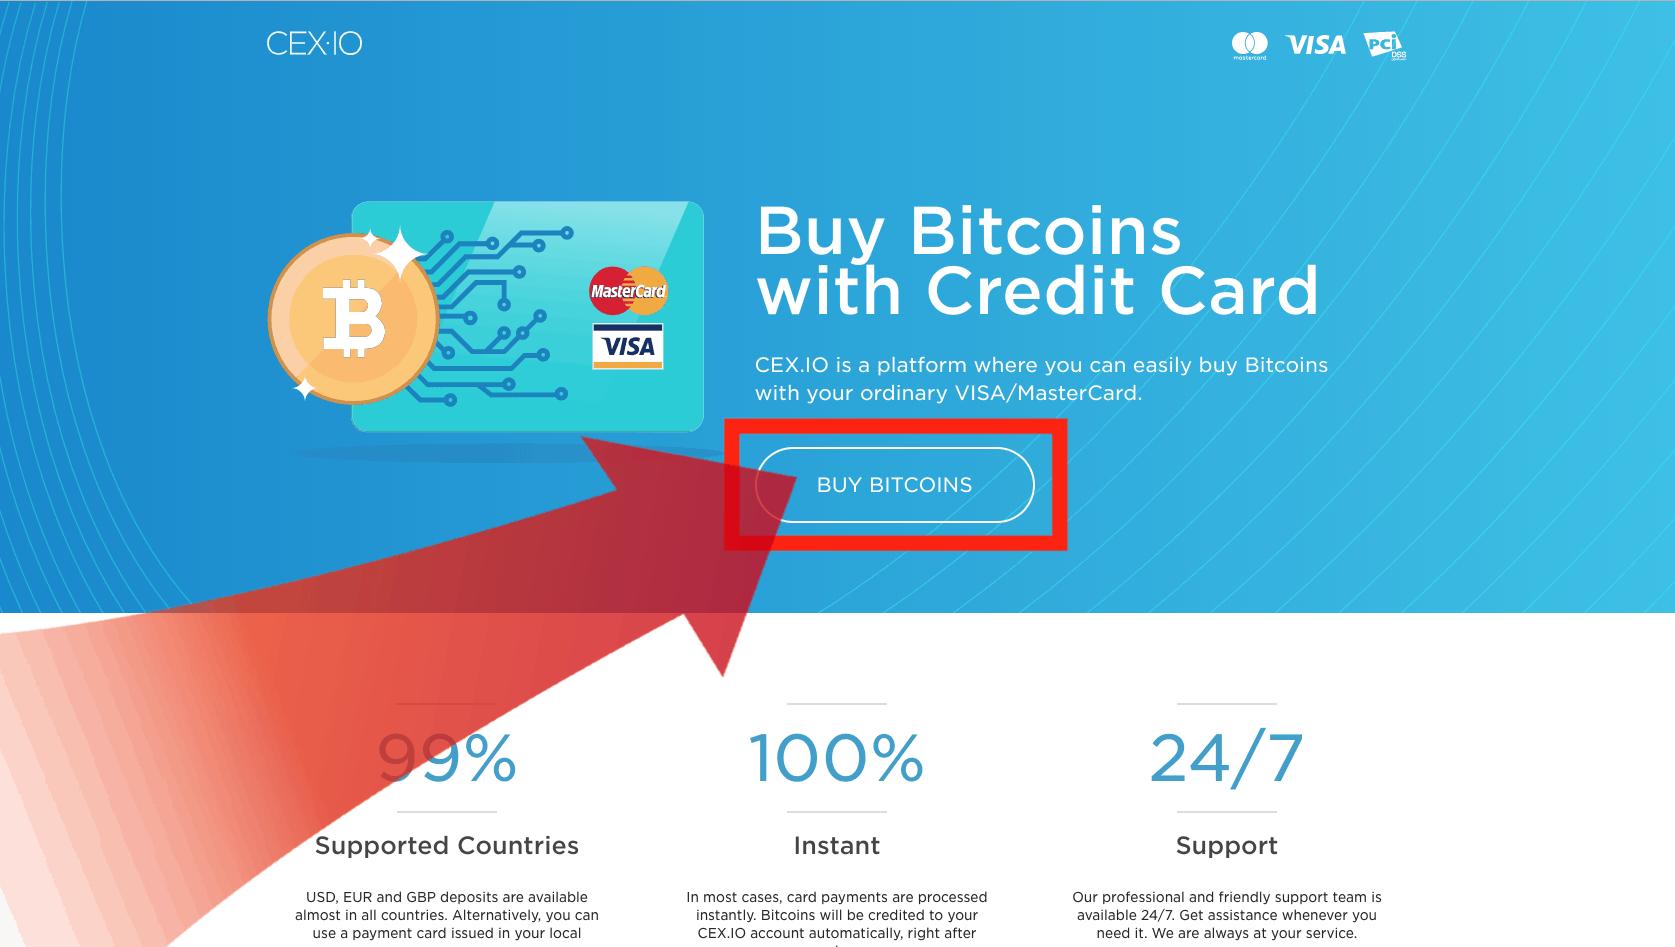 cex.io buy bitcoin